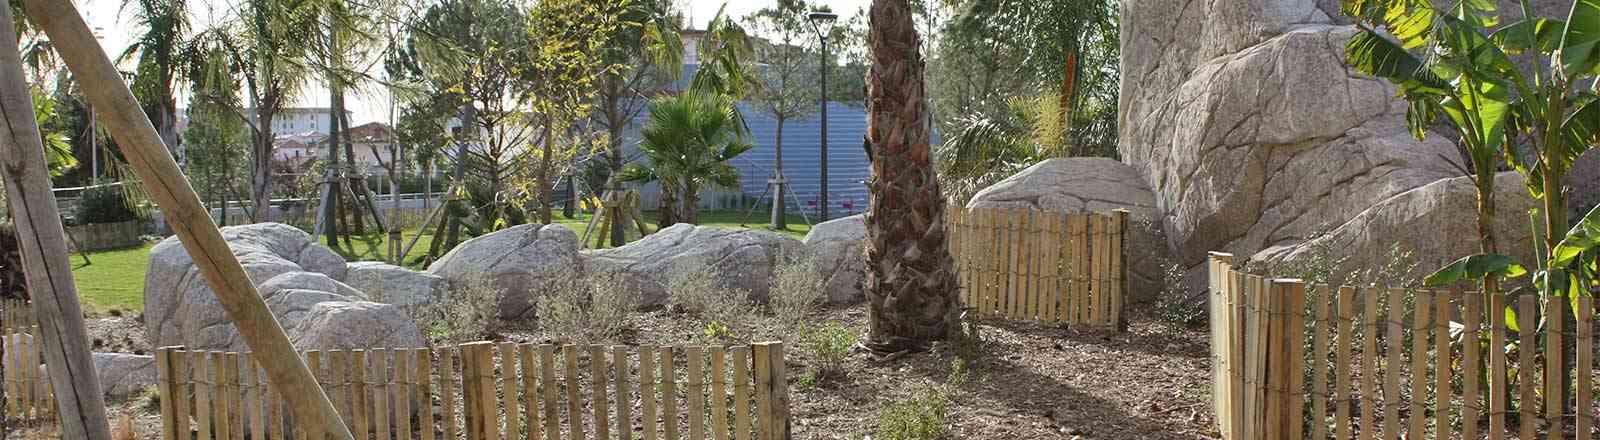 Aménagement d'un jardin public